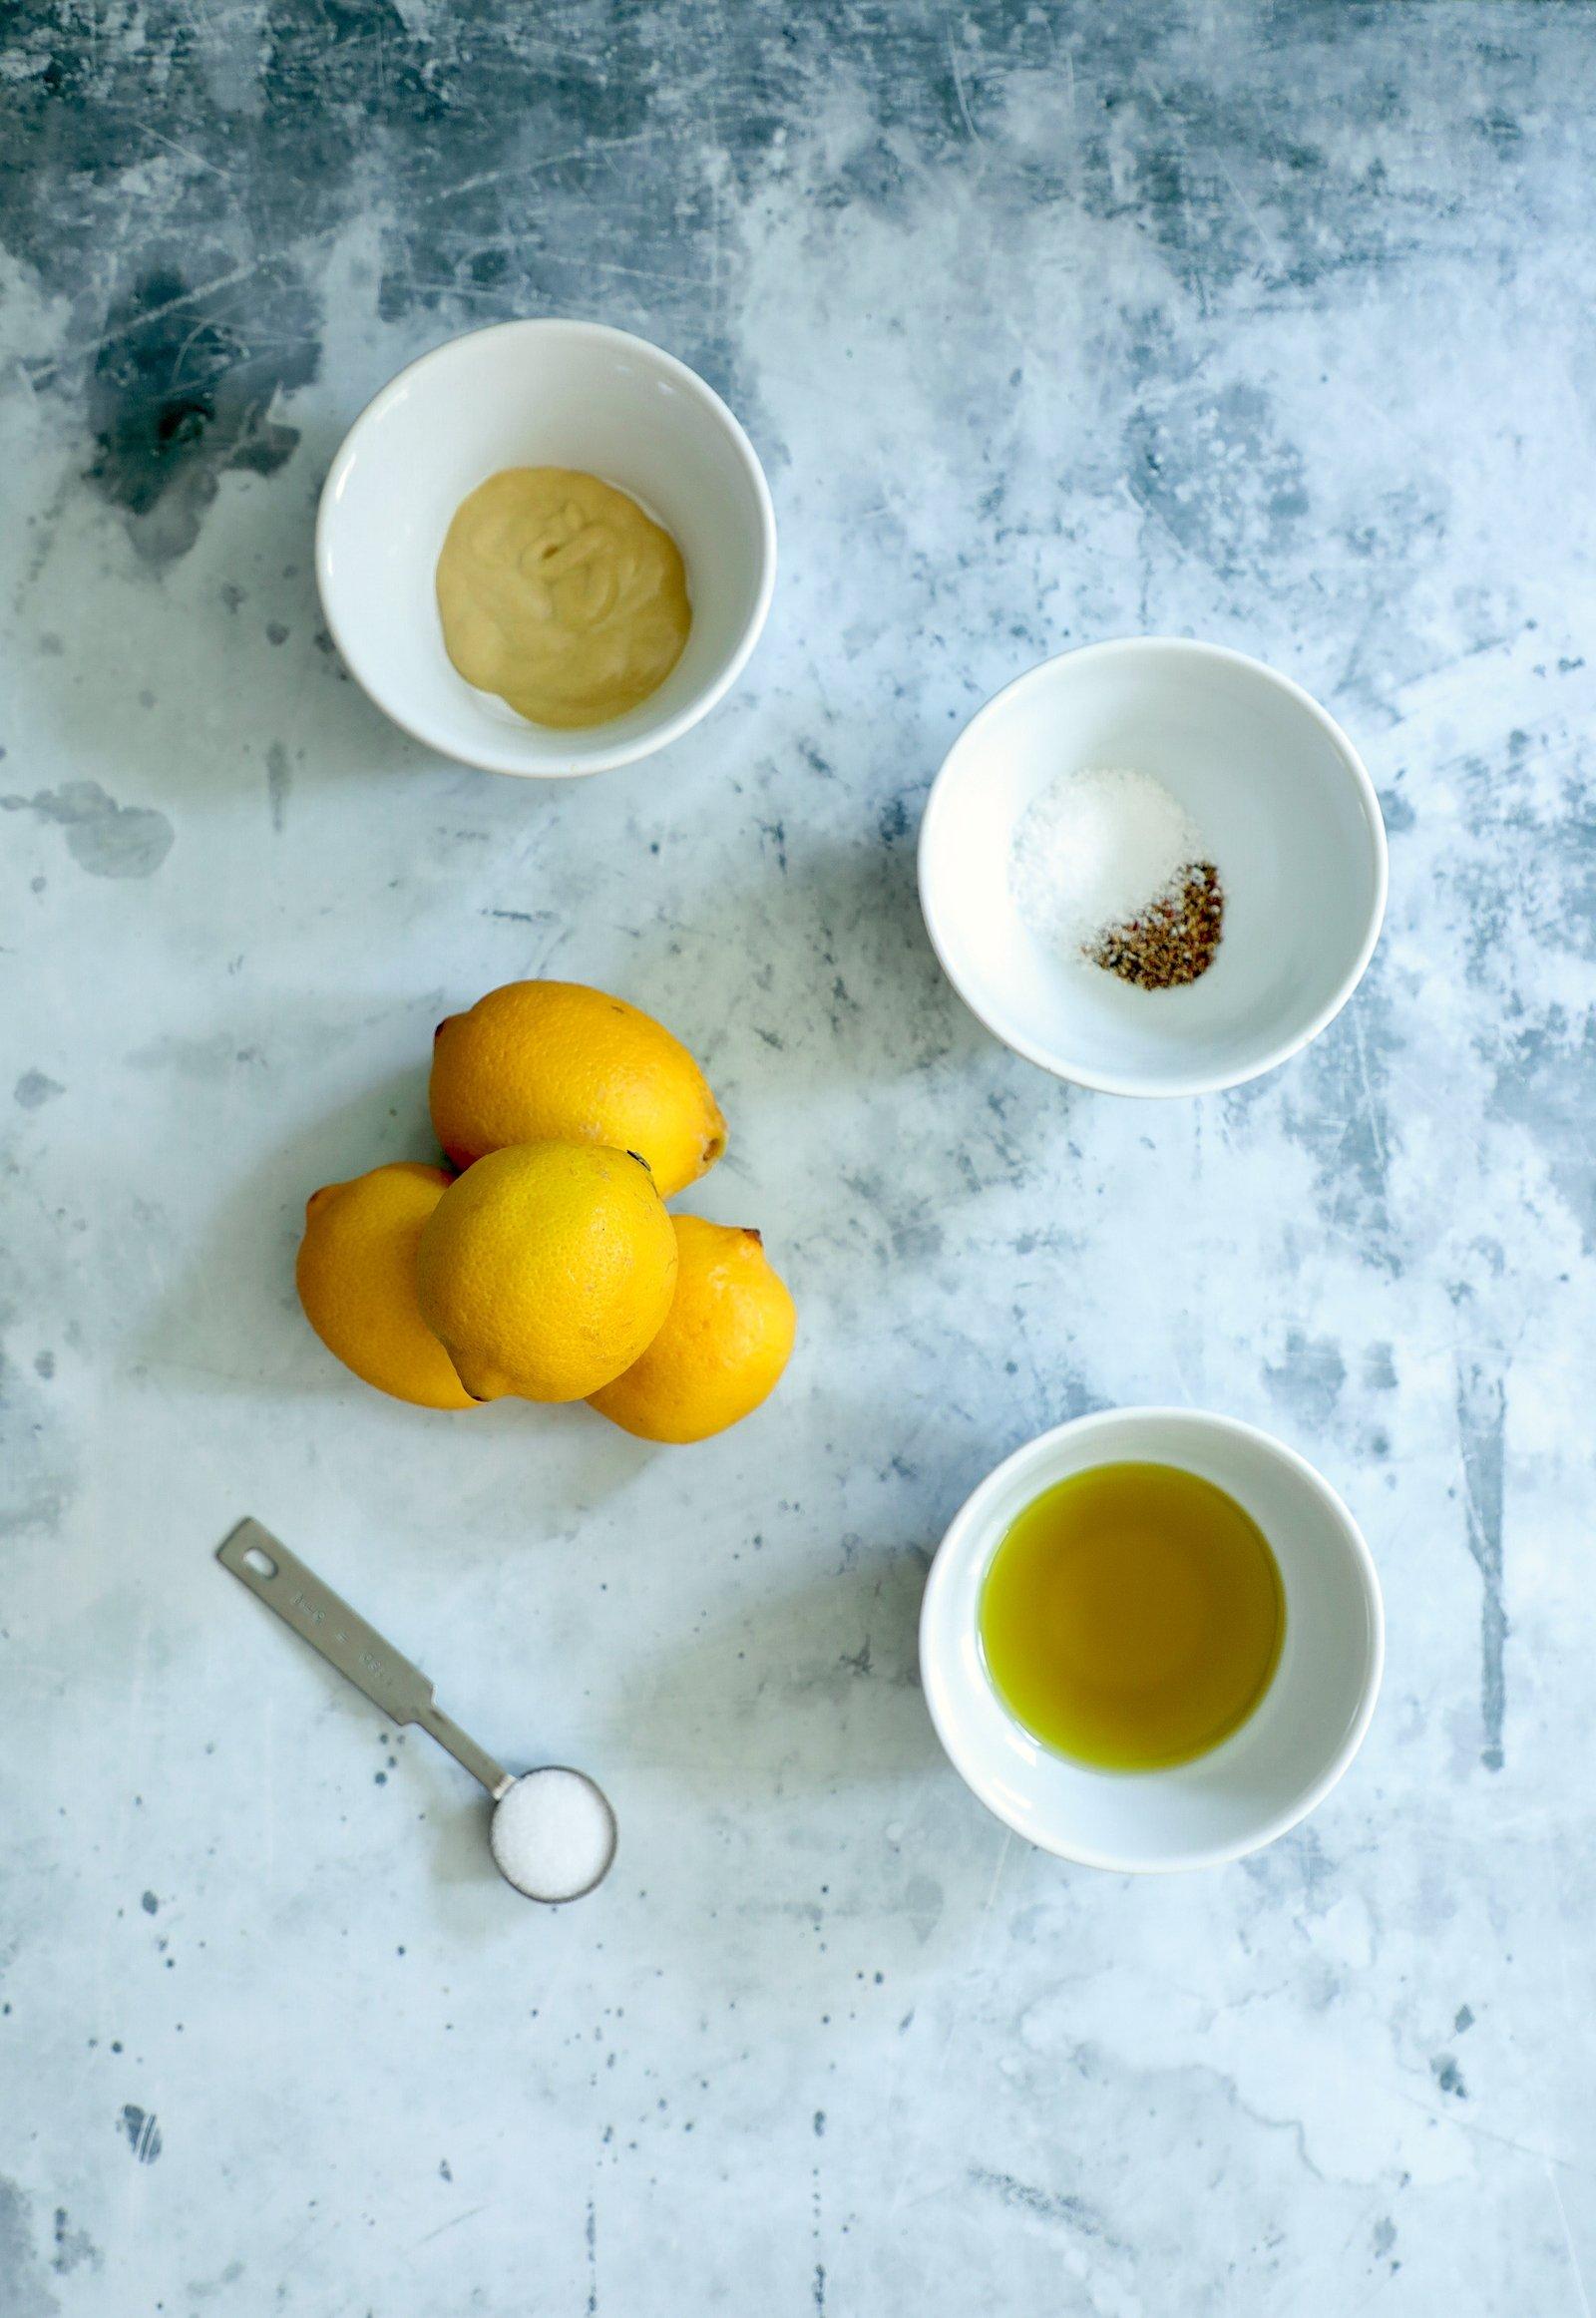 Keto lemon Dressing Ingredients